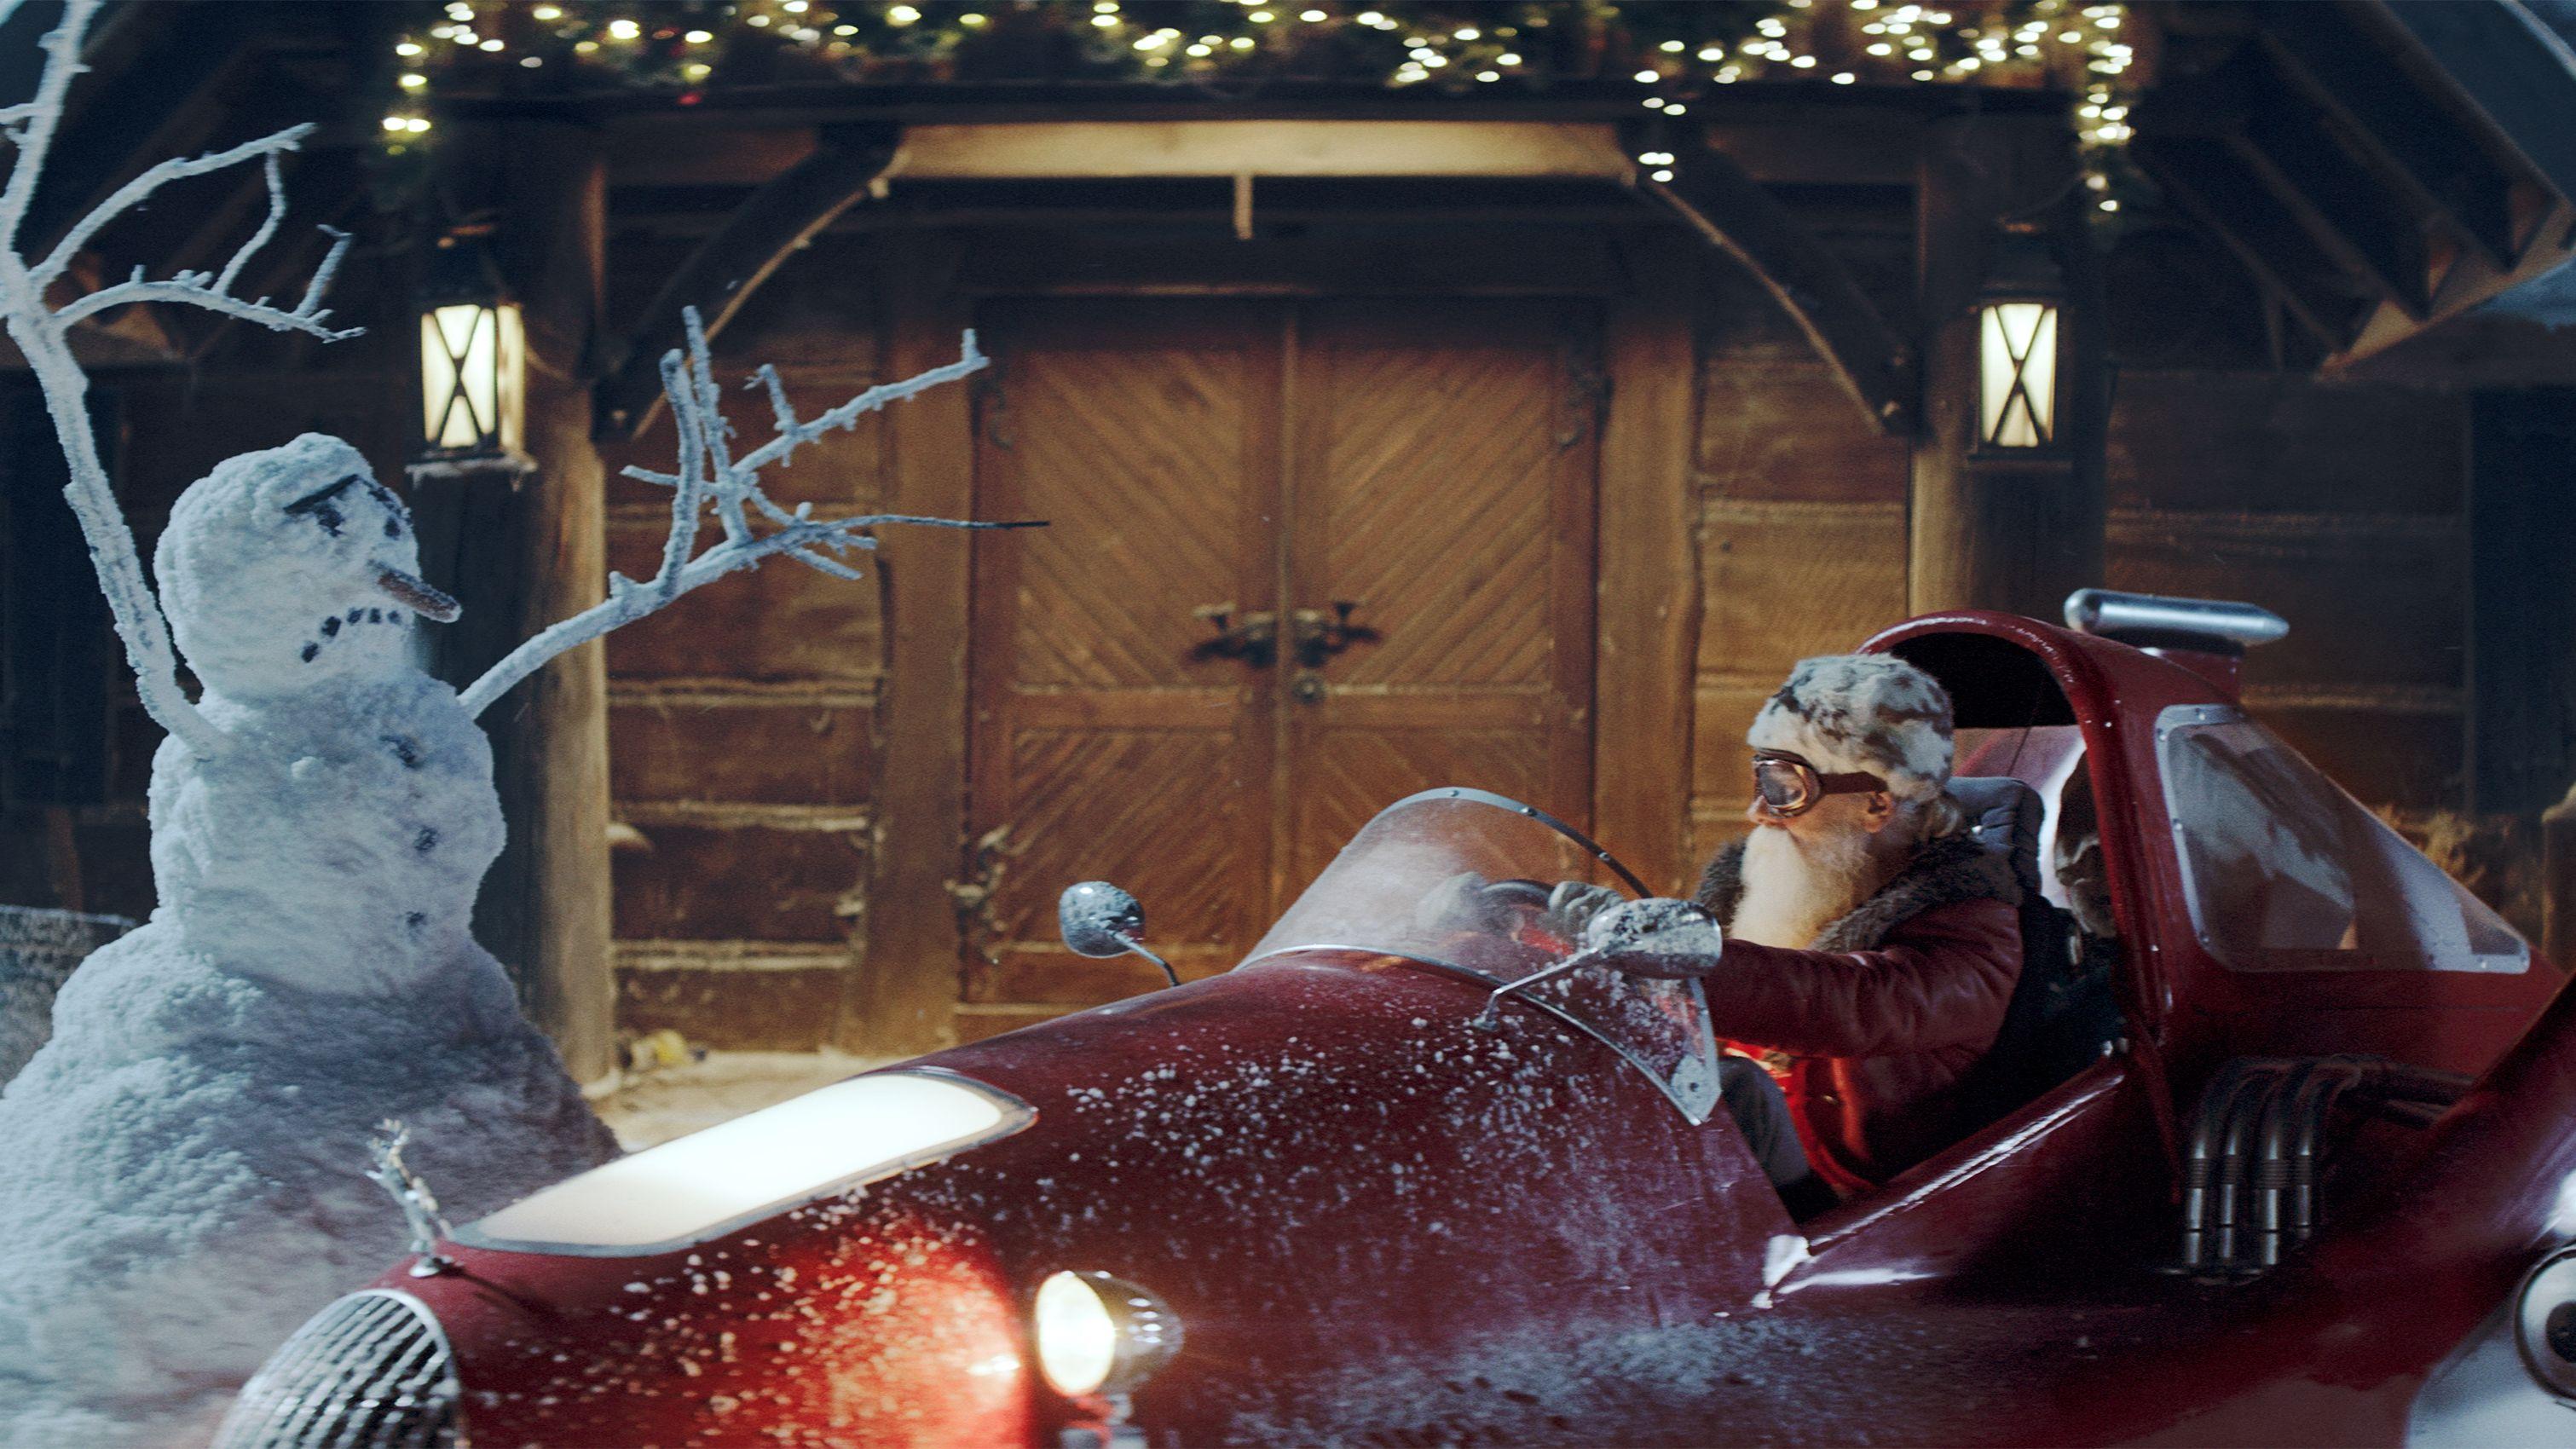 Inhouse-Kampagne: Warum der Weihnachtsmann bei Kaufland einkauft